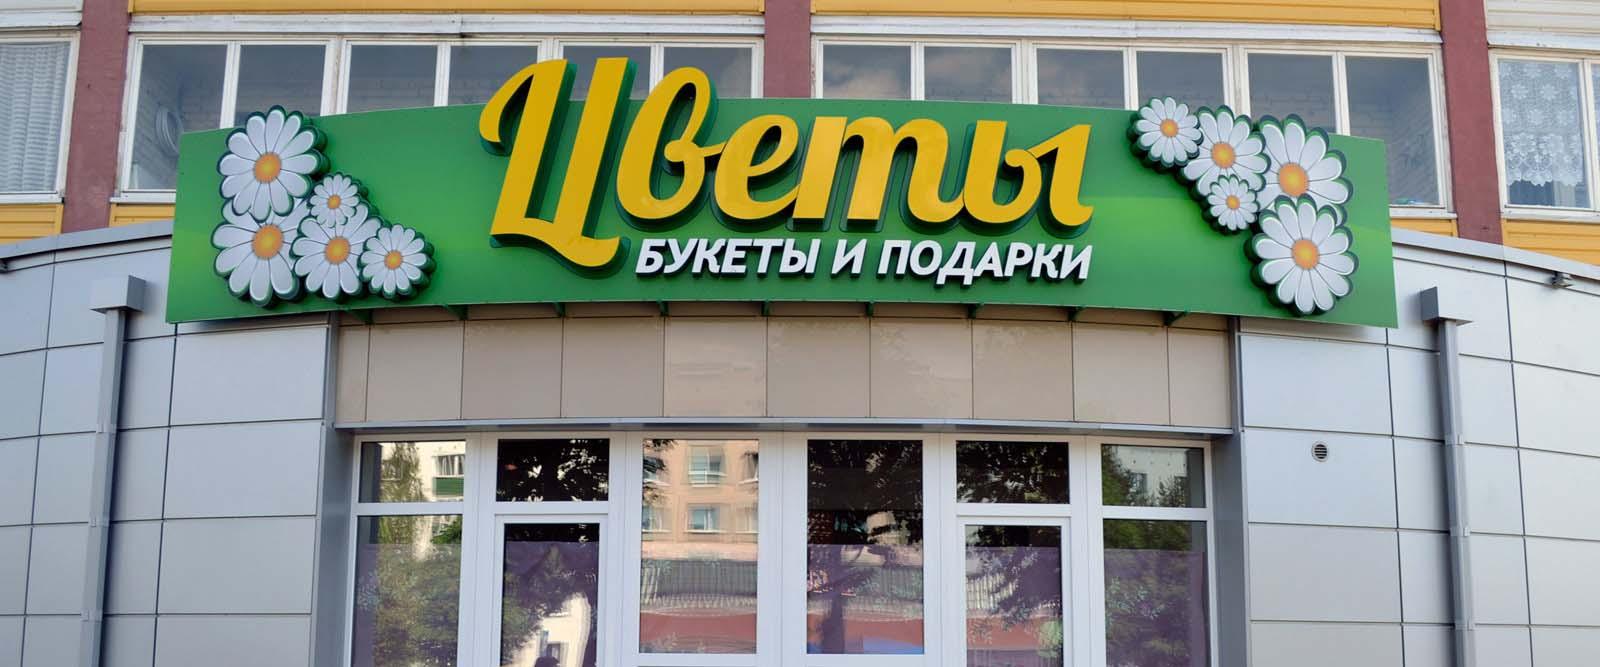 Юбилеем татарском, картинки вывески магазинов